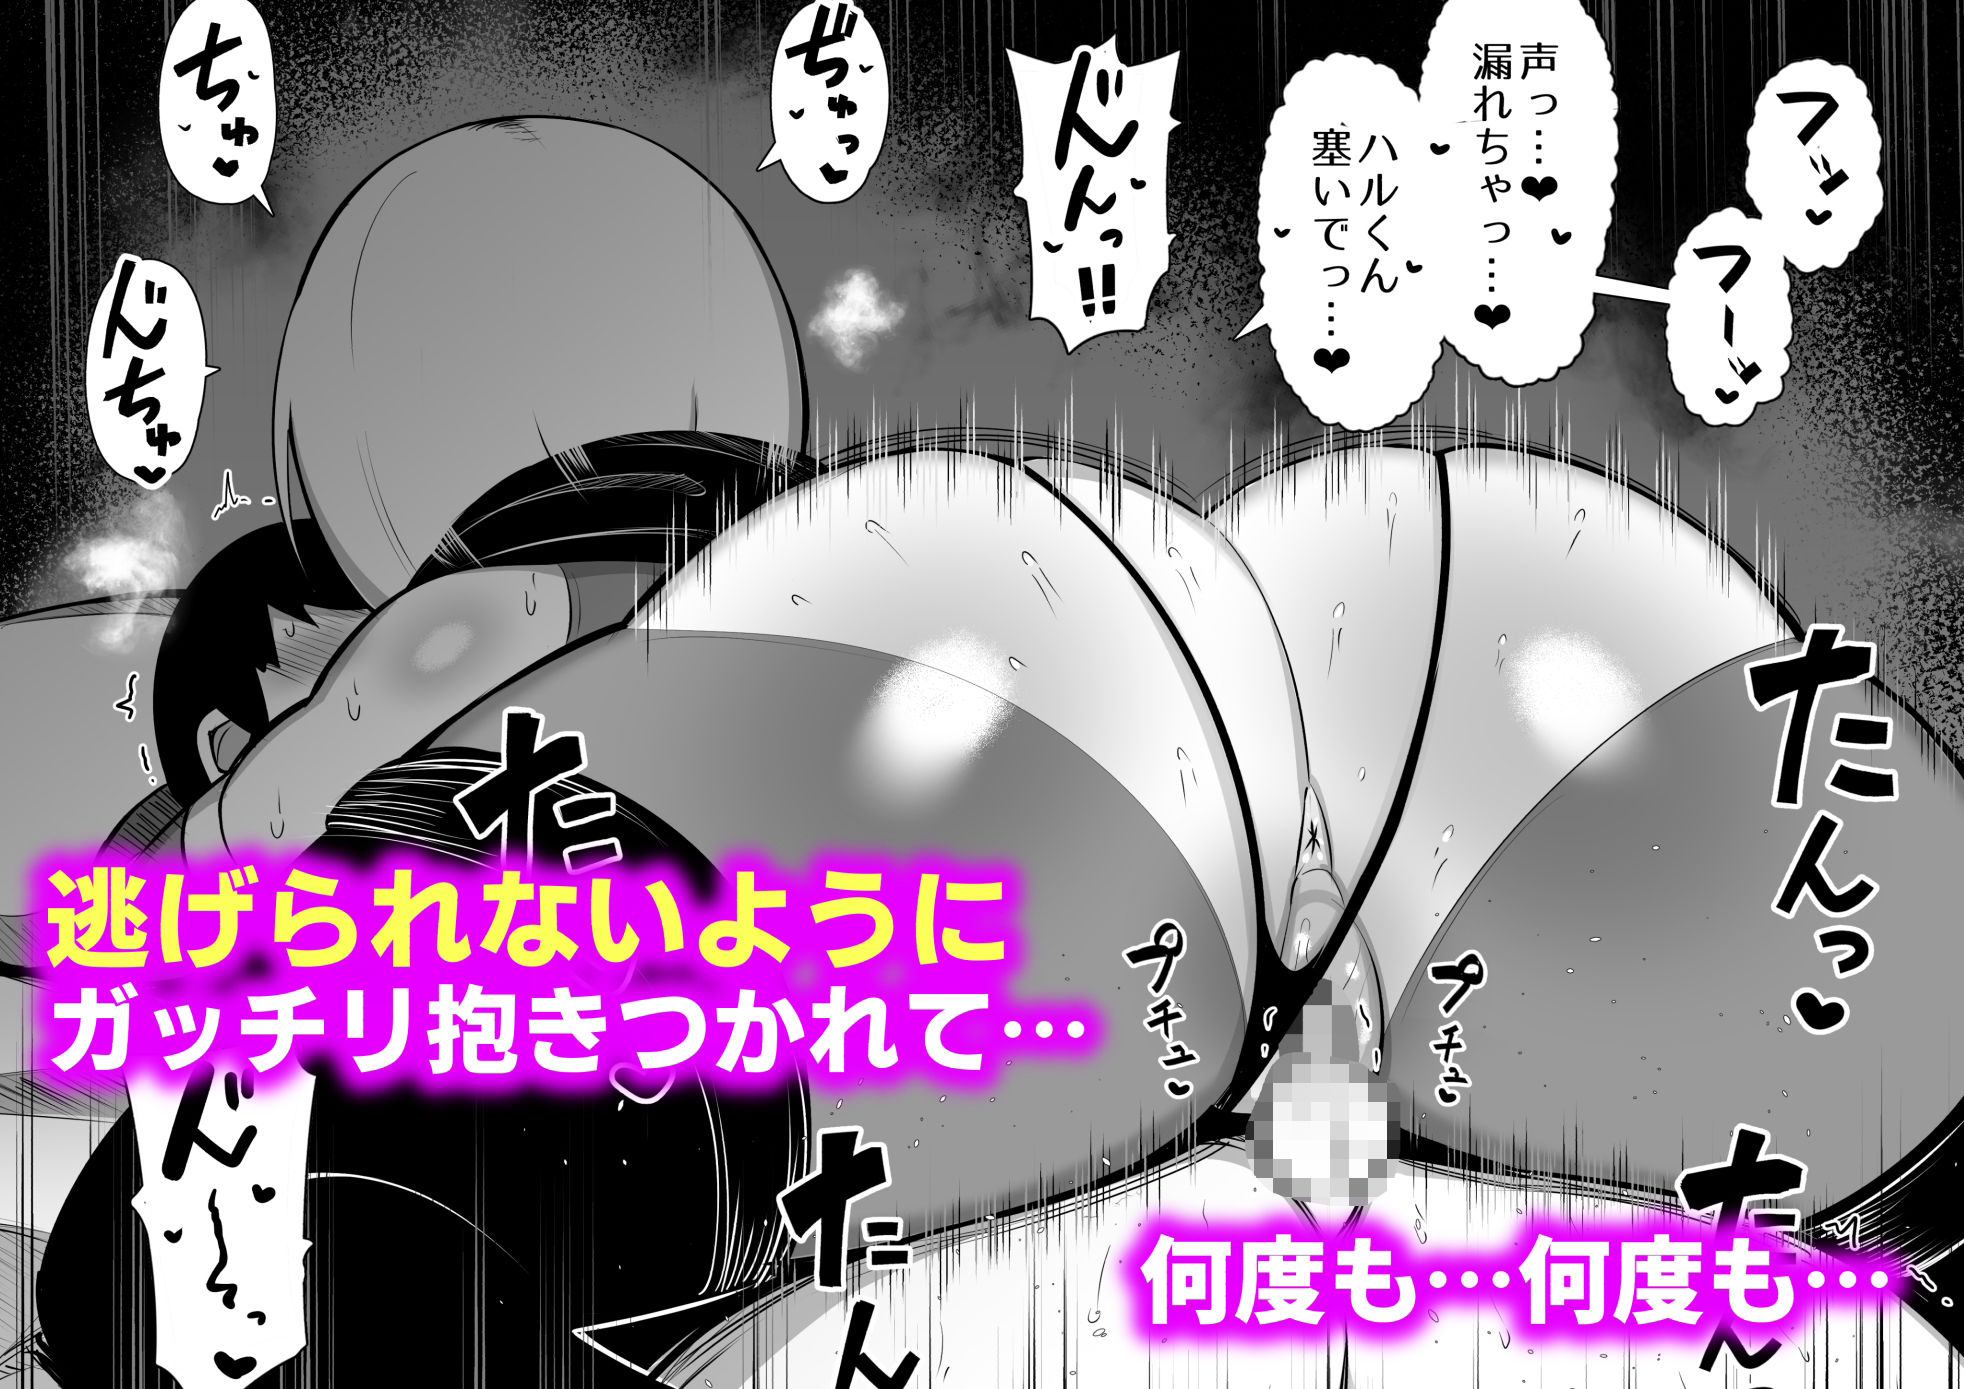 【エロ漫画】拾った捨てエルフ達に溺愛されて敷かれるまでの話 。おねショタ×巨乳エルフ×イチャラブ3P「サークル:ふらいでぃっしゅ」【同人誌・コミック】#5